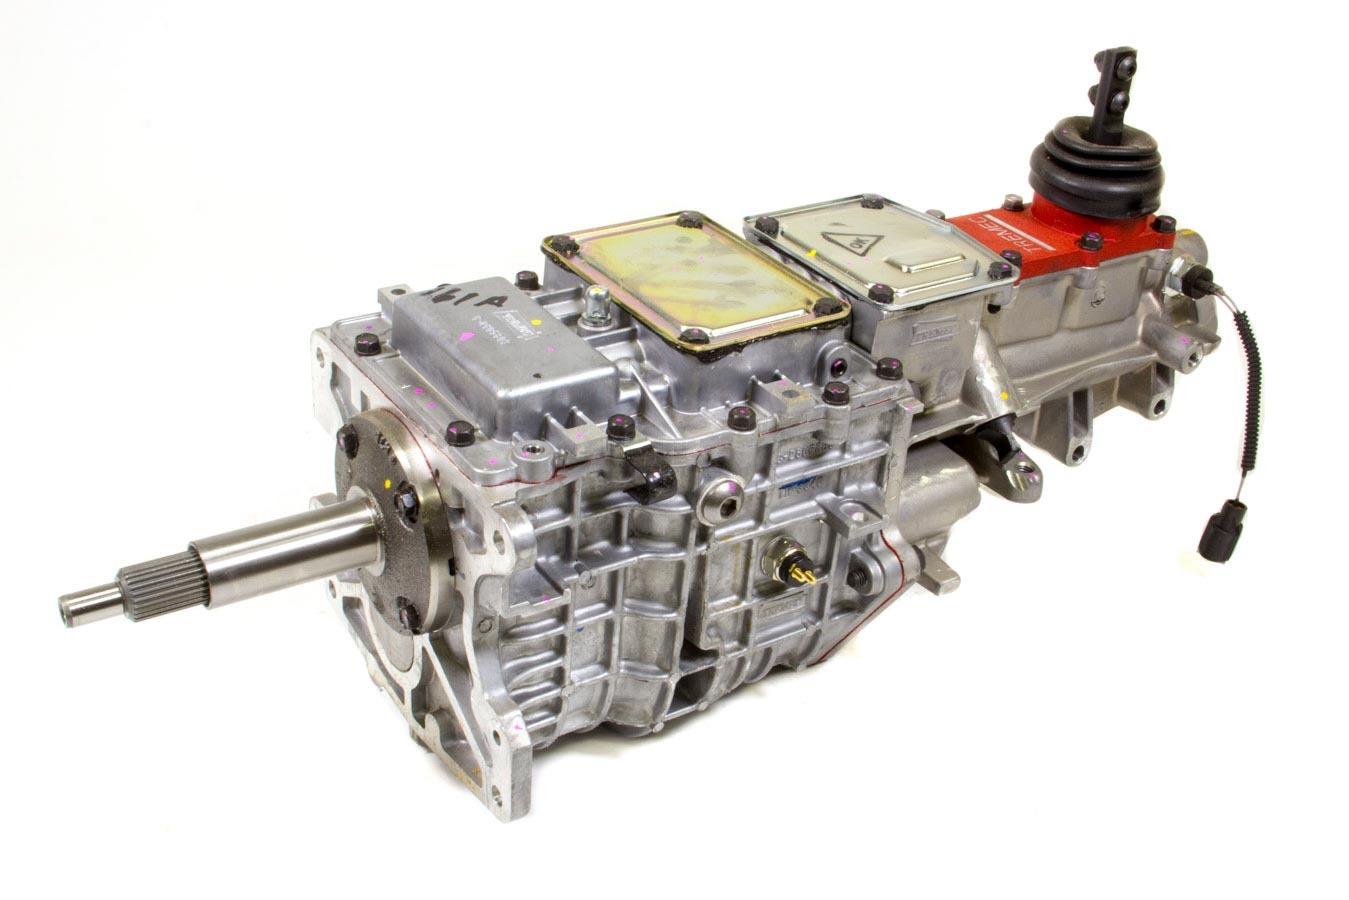 Ford TKO-600 Series 5Sp Trans 26 Spline Input